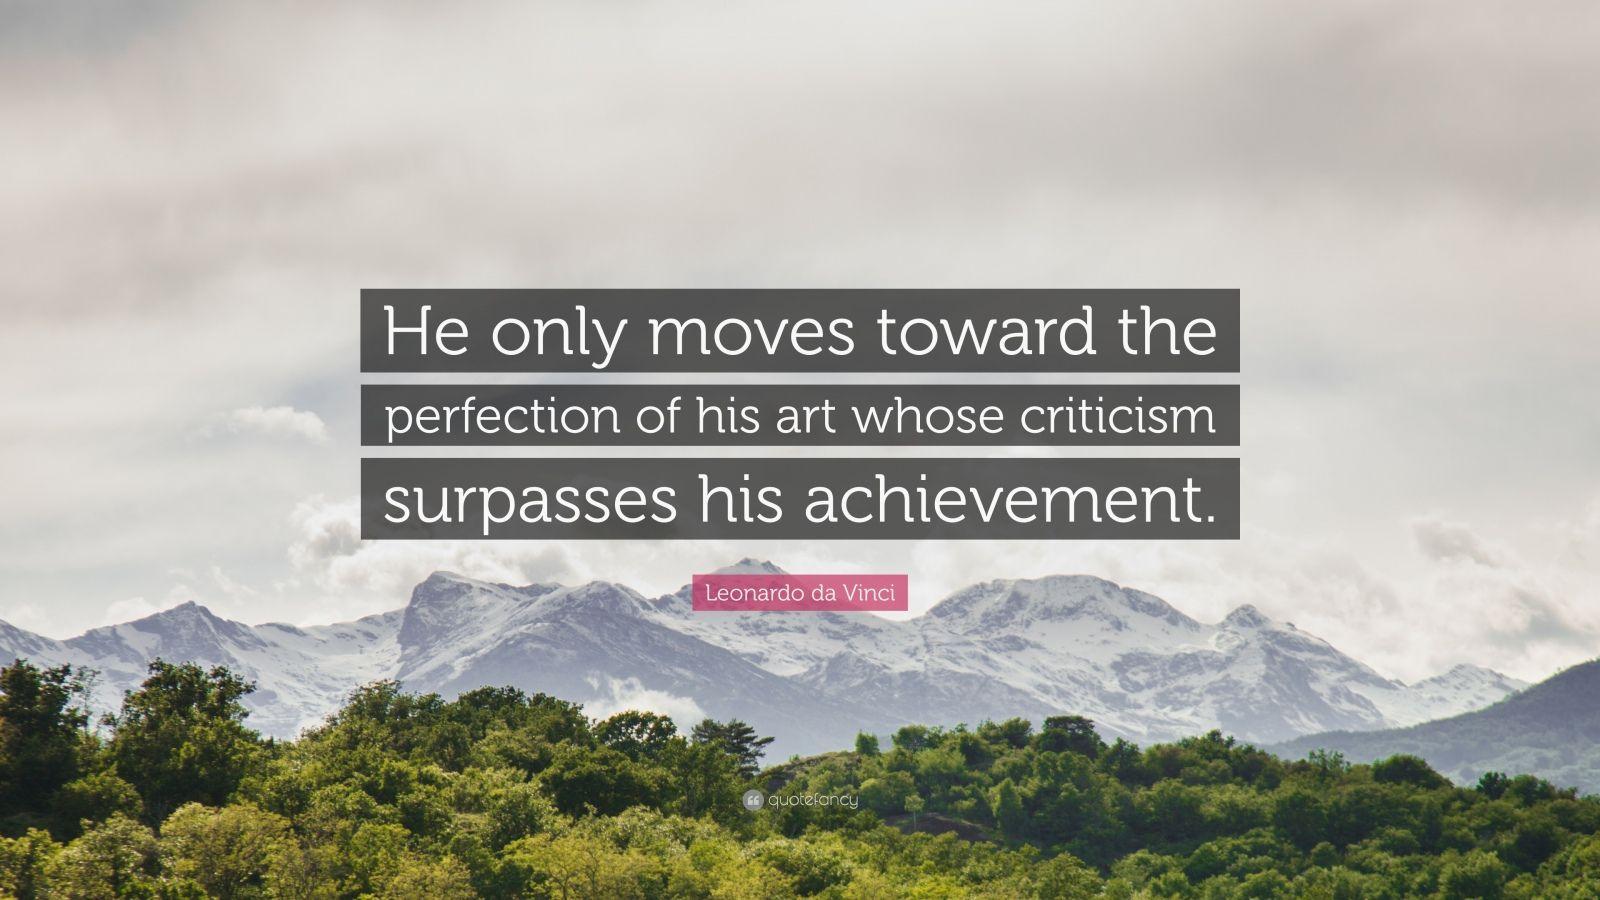 """Leonardo da Vinci Quote: """"He only moves toward the perfection of his art whose criticism surpasses his achievement."""""""